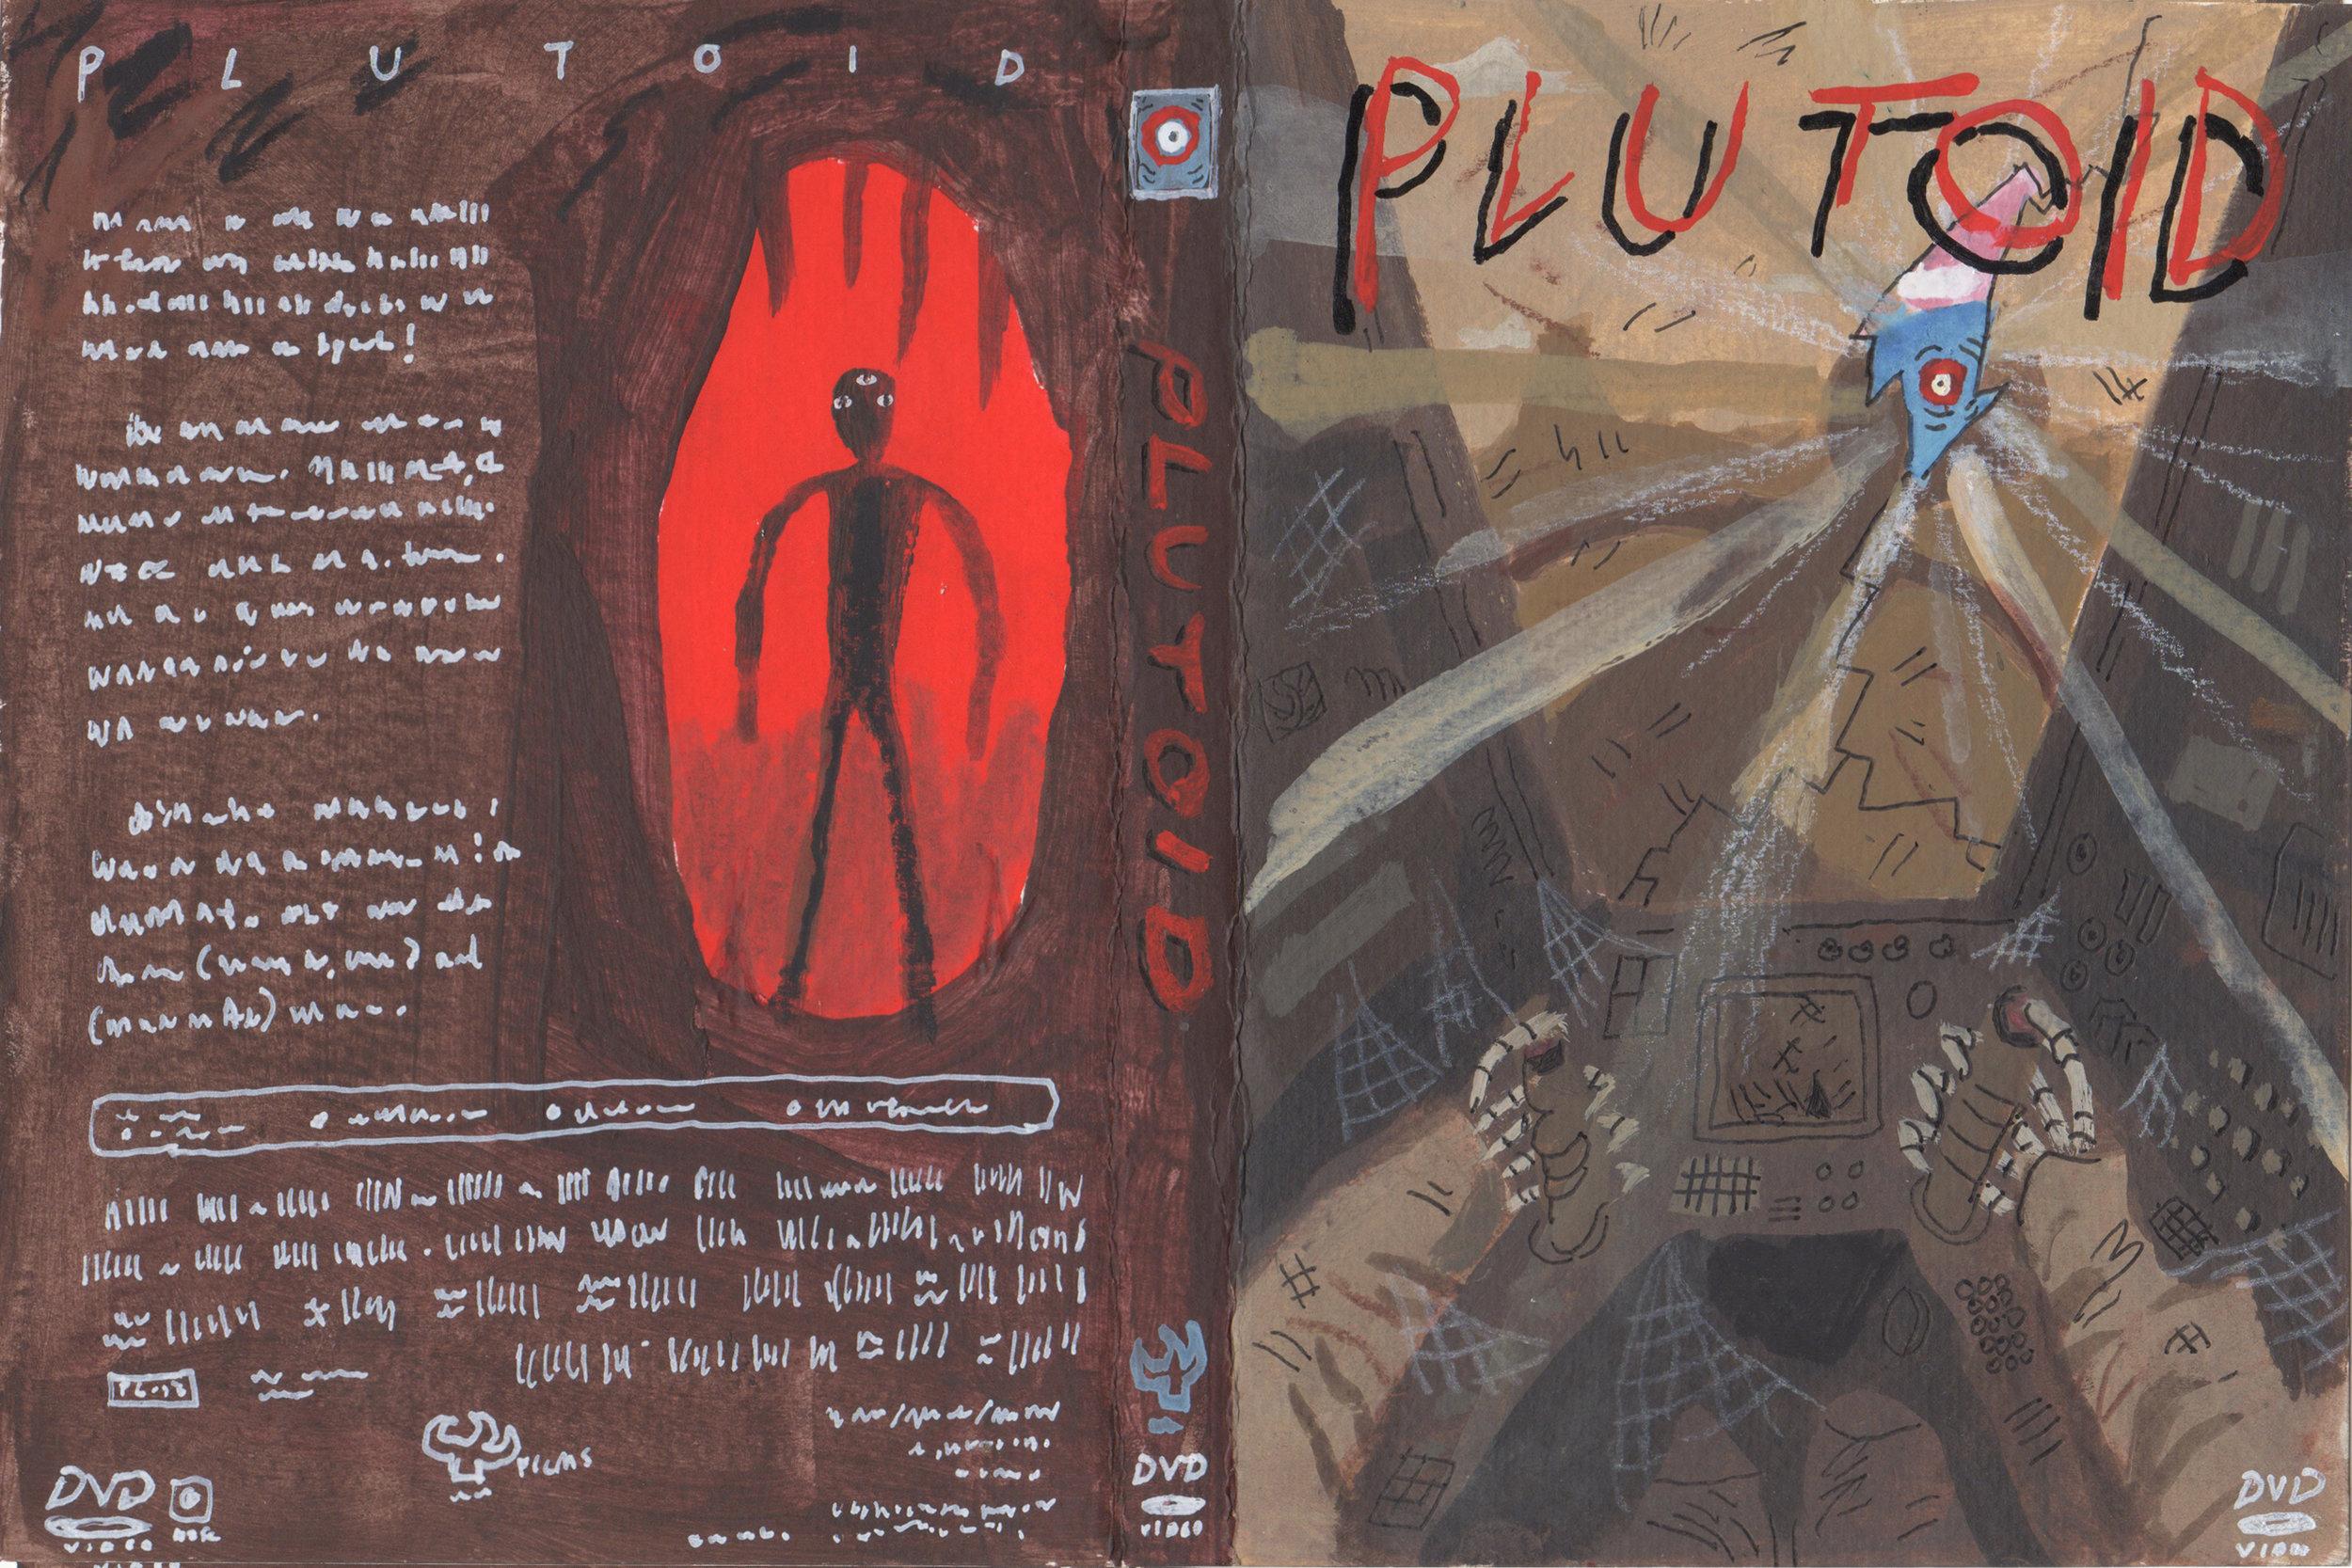 Plutoid